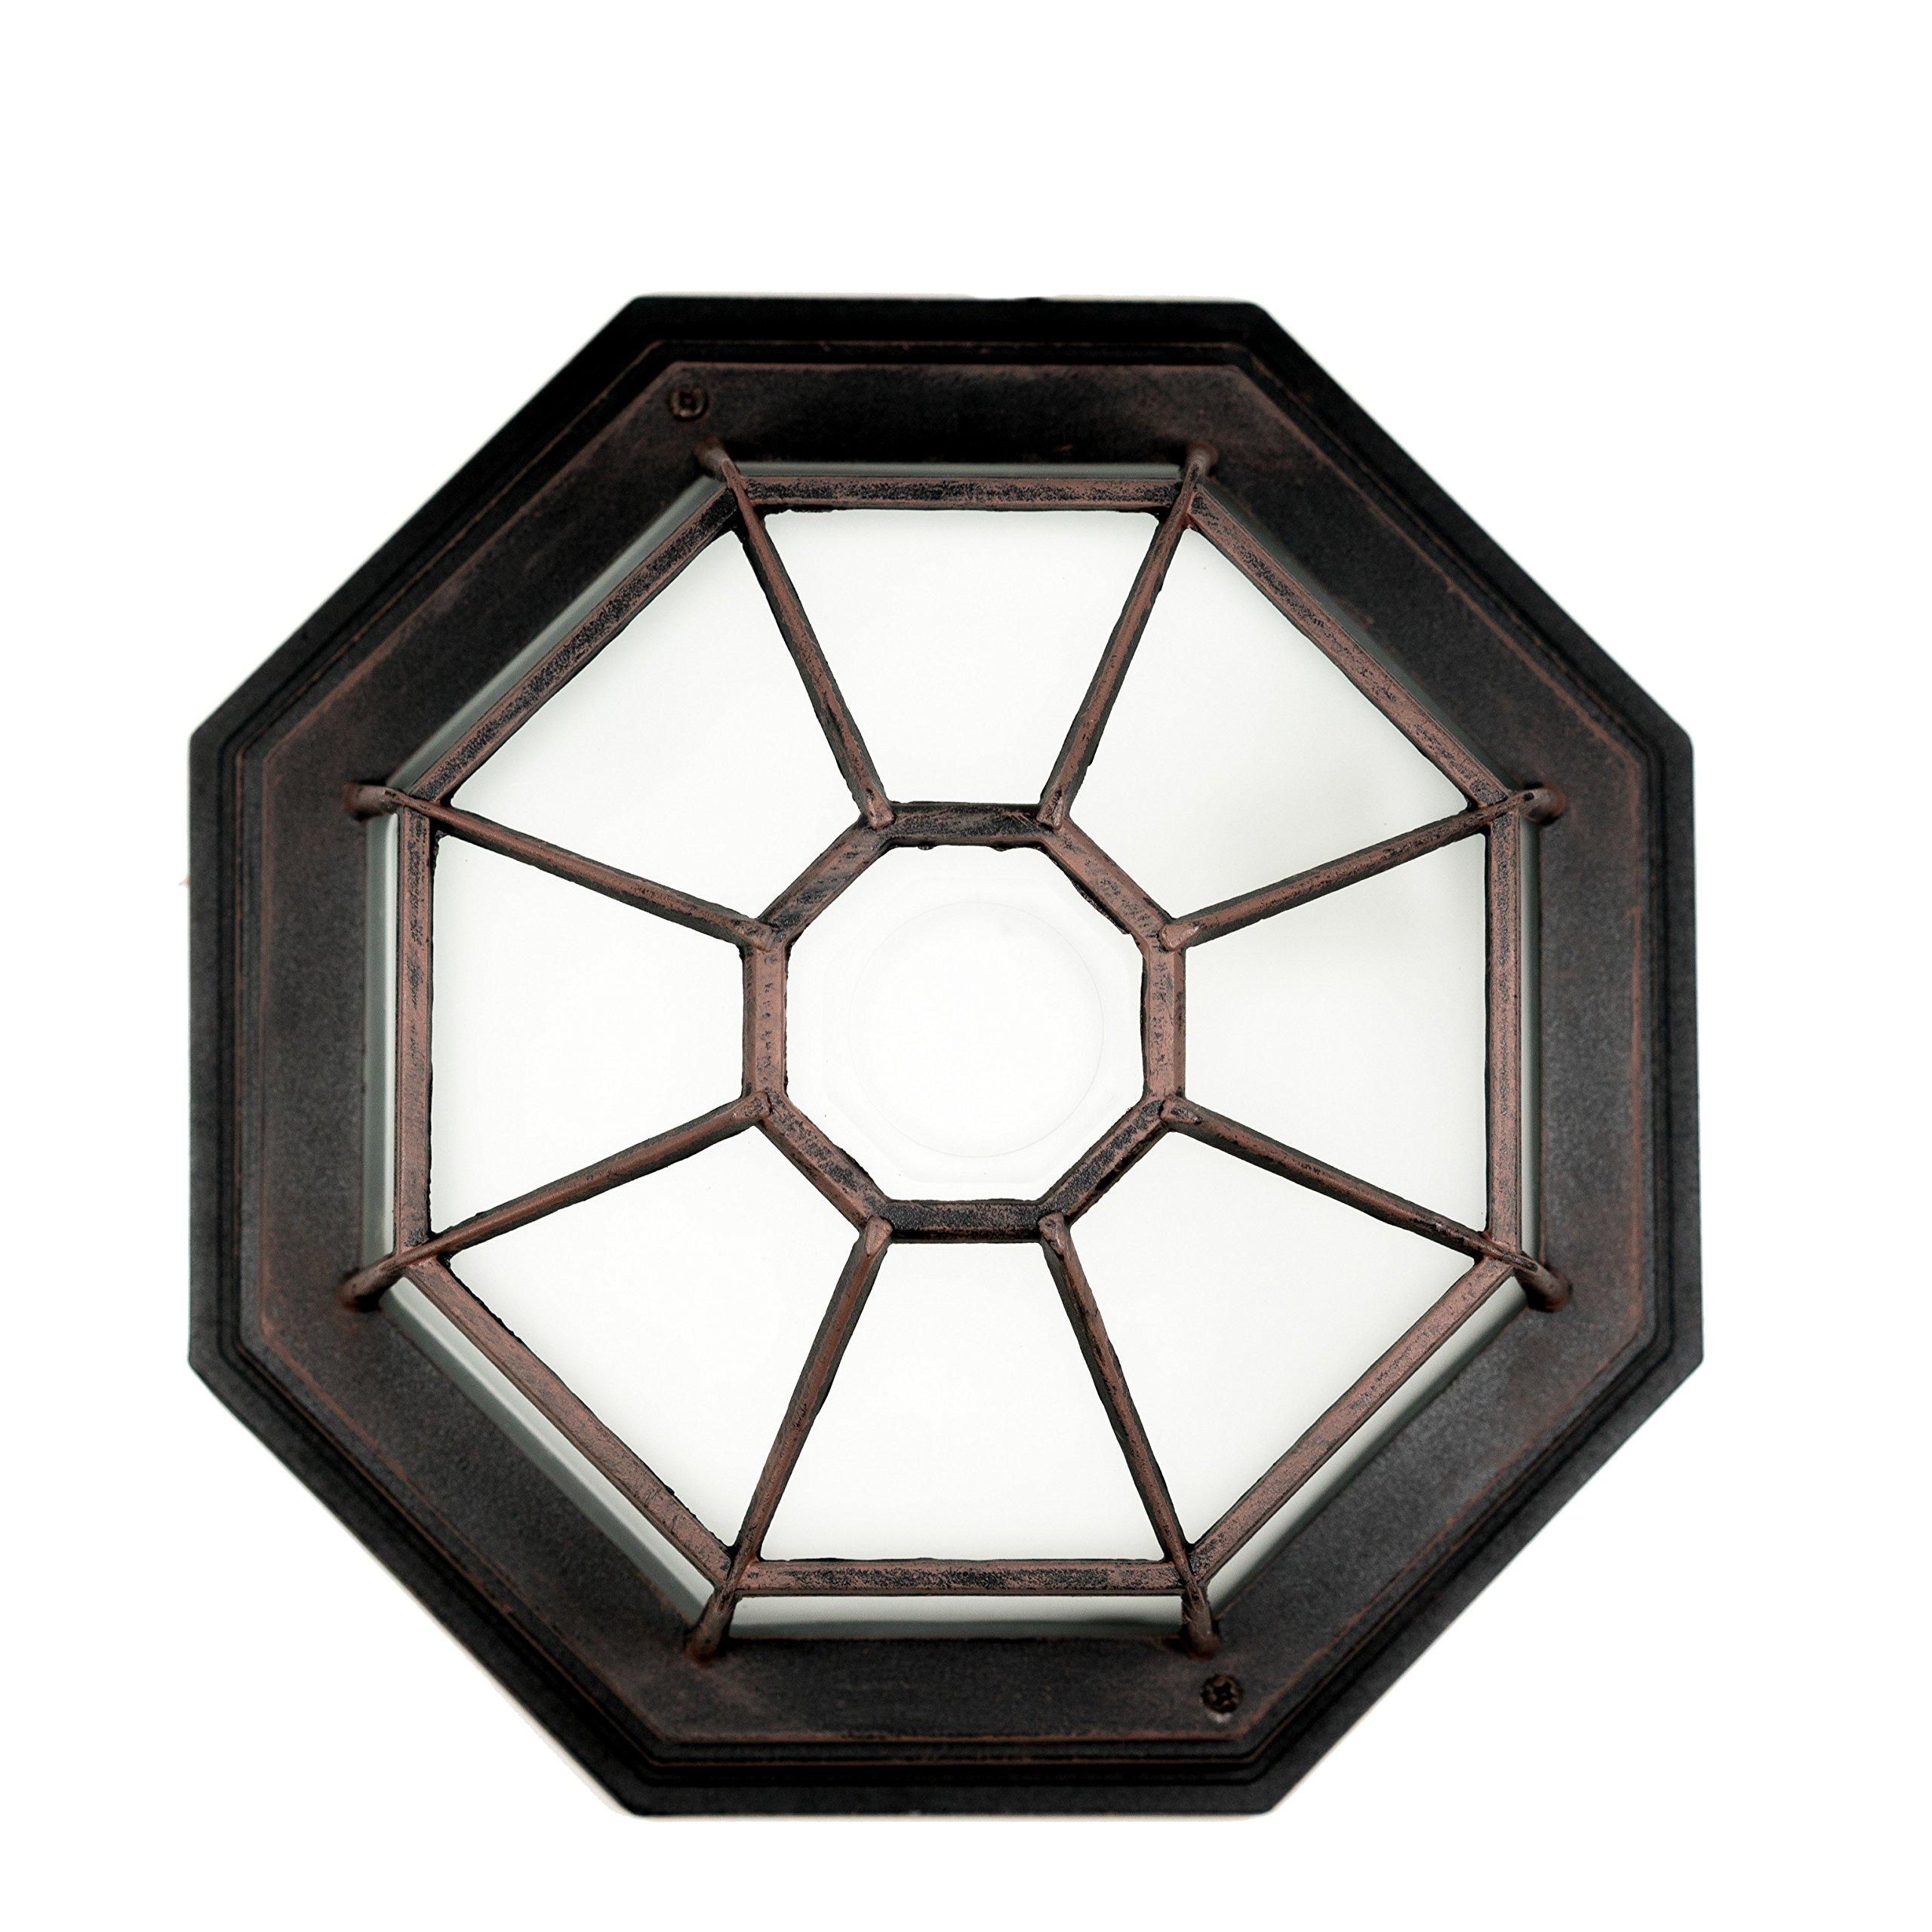 Trans Globe Lighting 40582 RT Outdoor Benkert 5'' Flushmount Lantern, Rust by Trans Globe Lighting (Image #2)